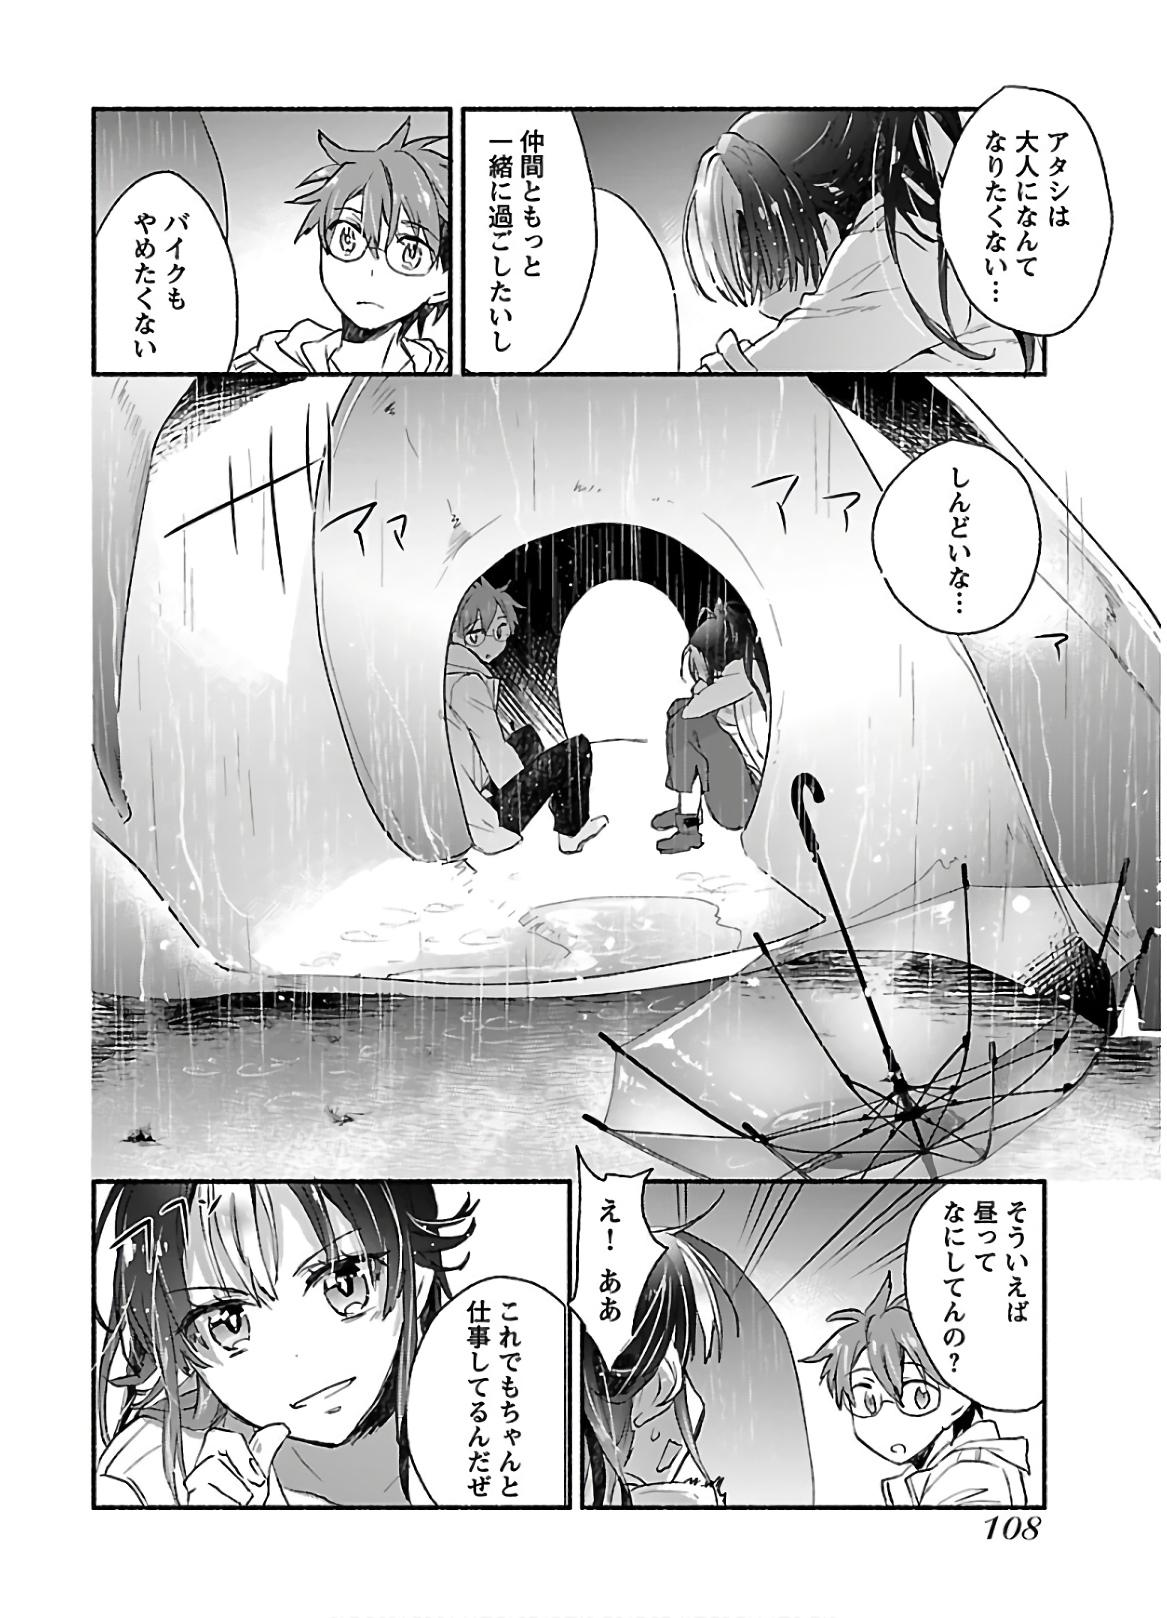 Yankii musume ni natsukarete kotoshi mo juken ni shippai shisou desu  vol.1 109